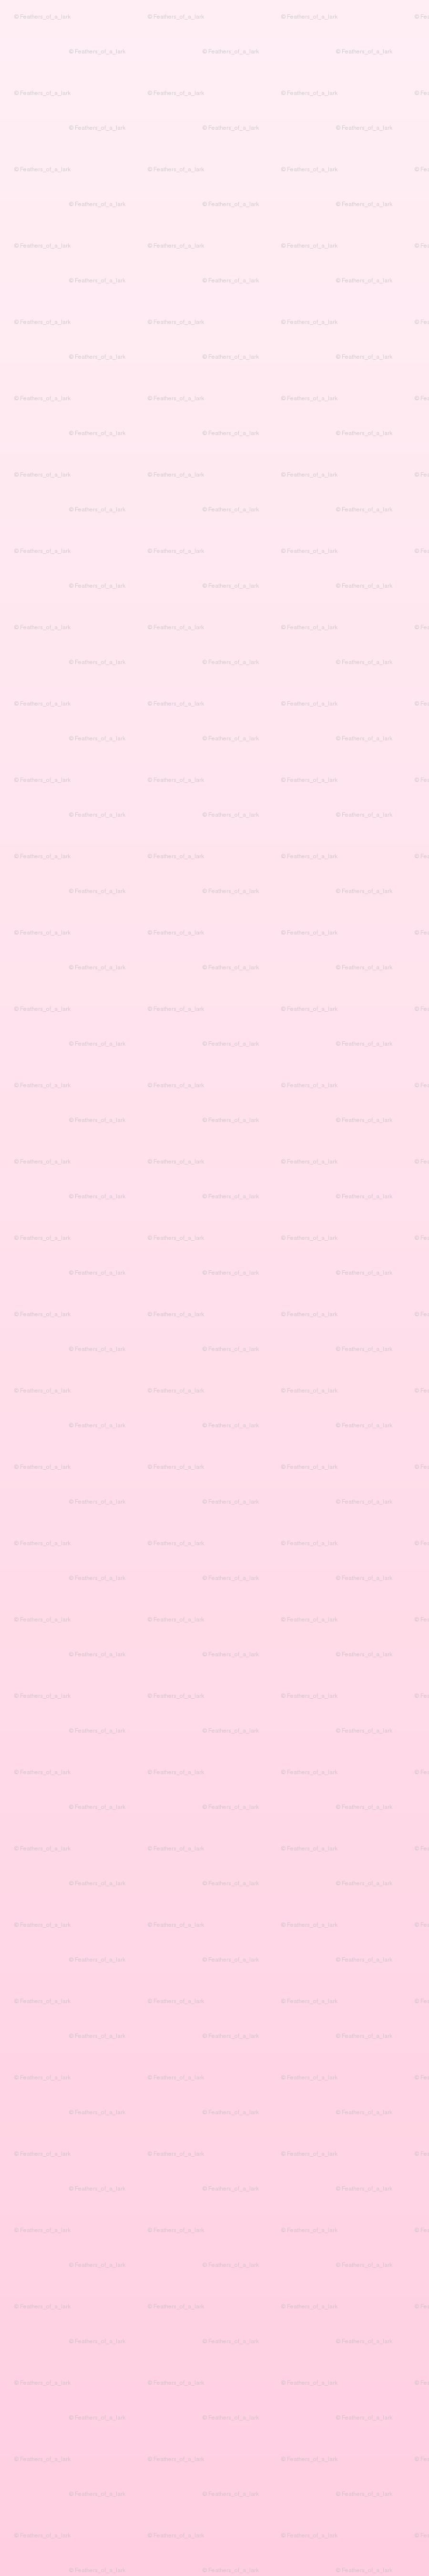 ombre light pink wallpaper wallpaper greeneyedholly spoonflower